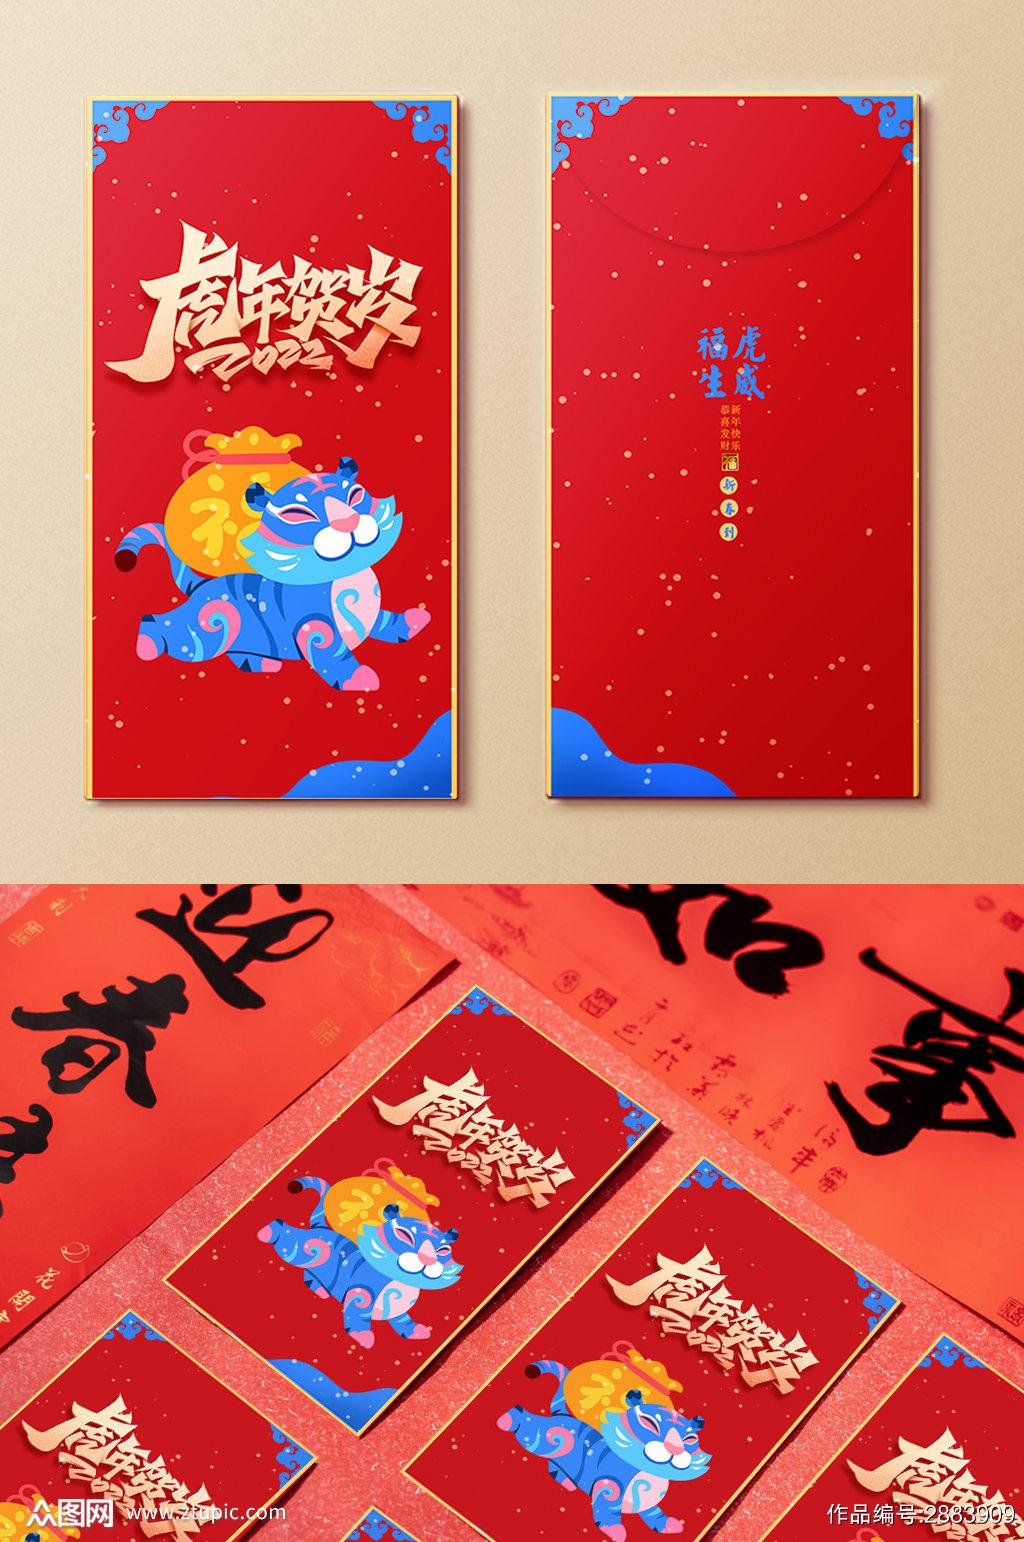 虎年大吉2022年春节元素红包设计素材